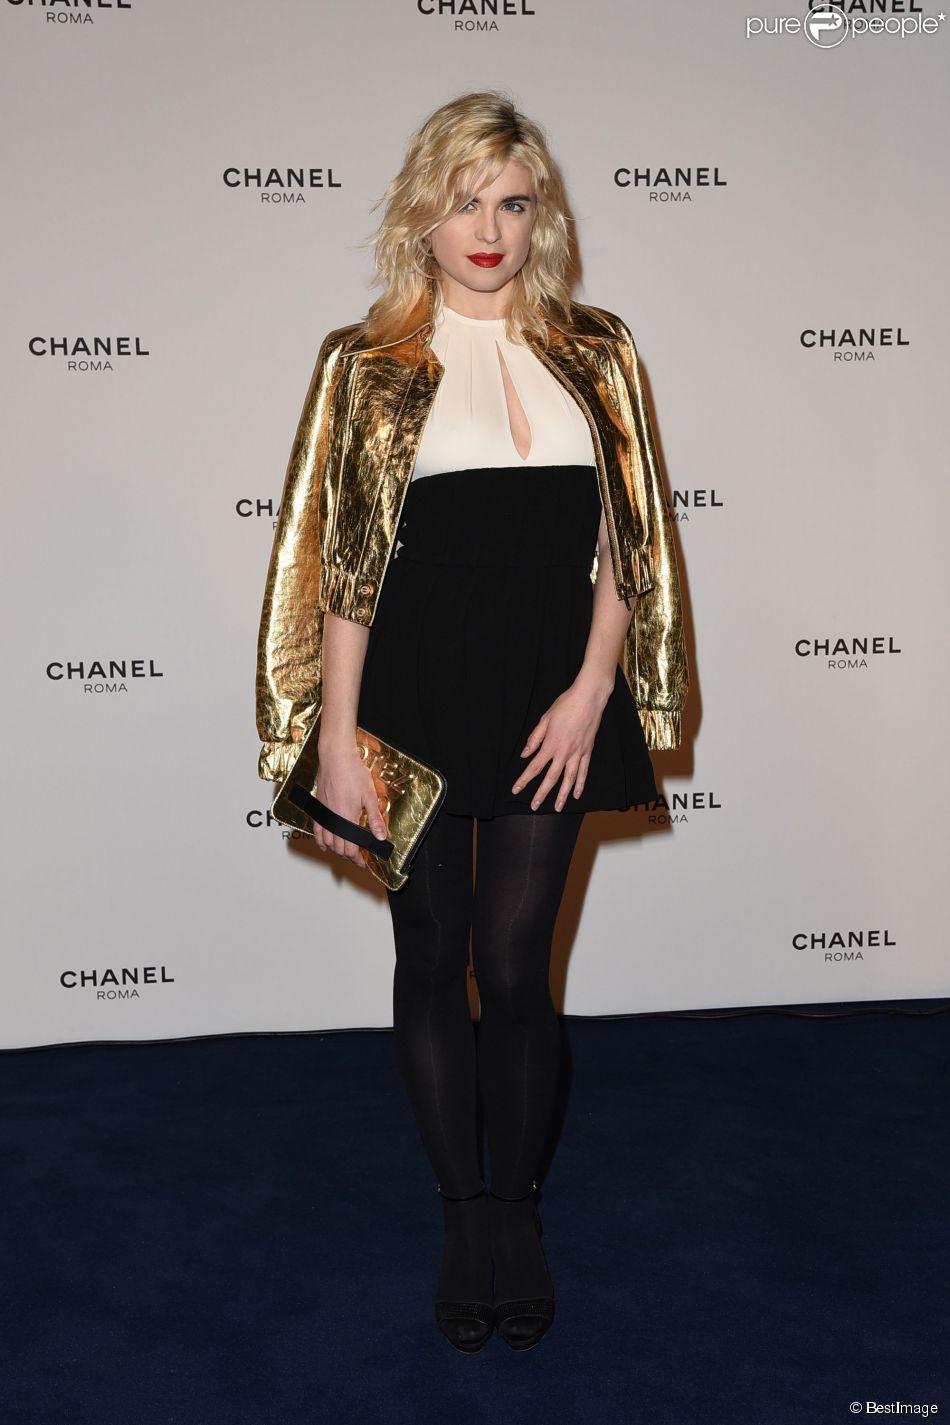 Cécile Cassel - People à la soirée pour l'ouverture de la boutique Chanel à Rome le 19 février 2015